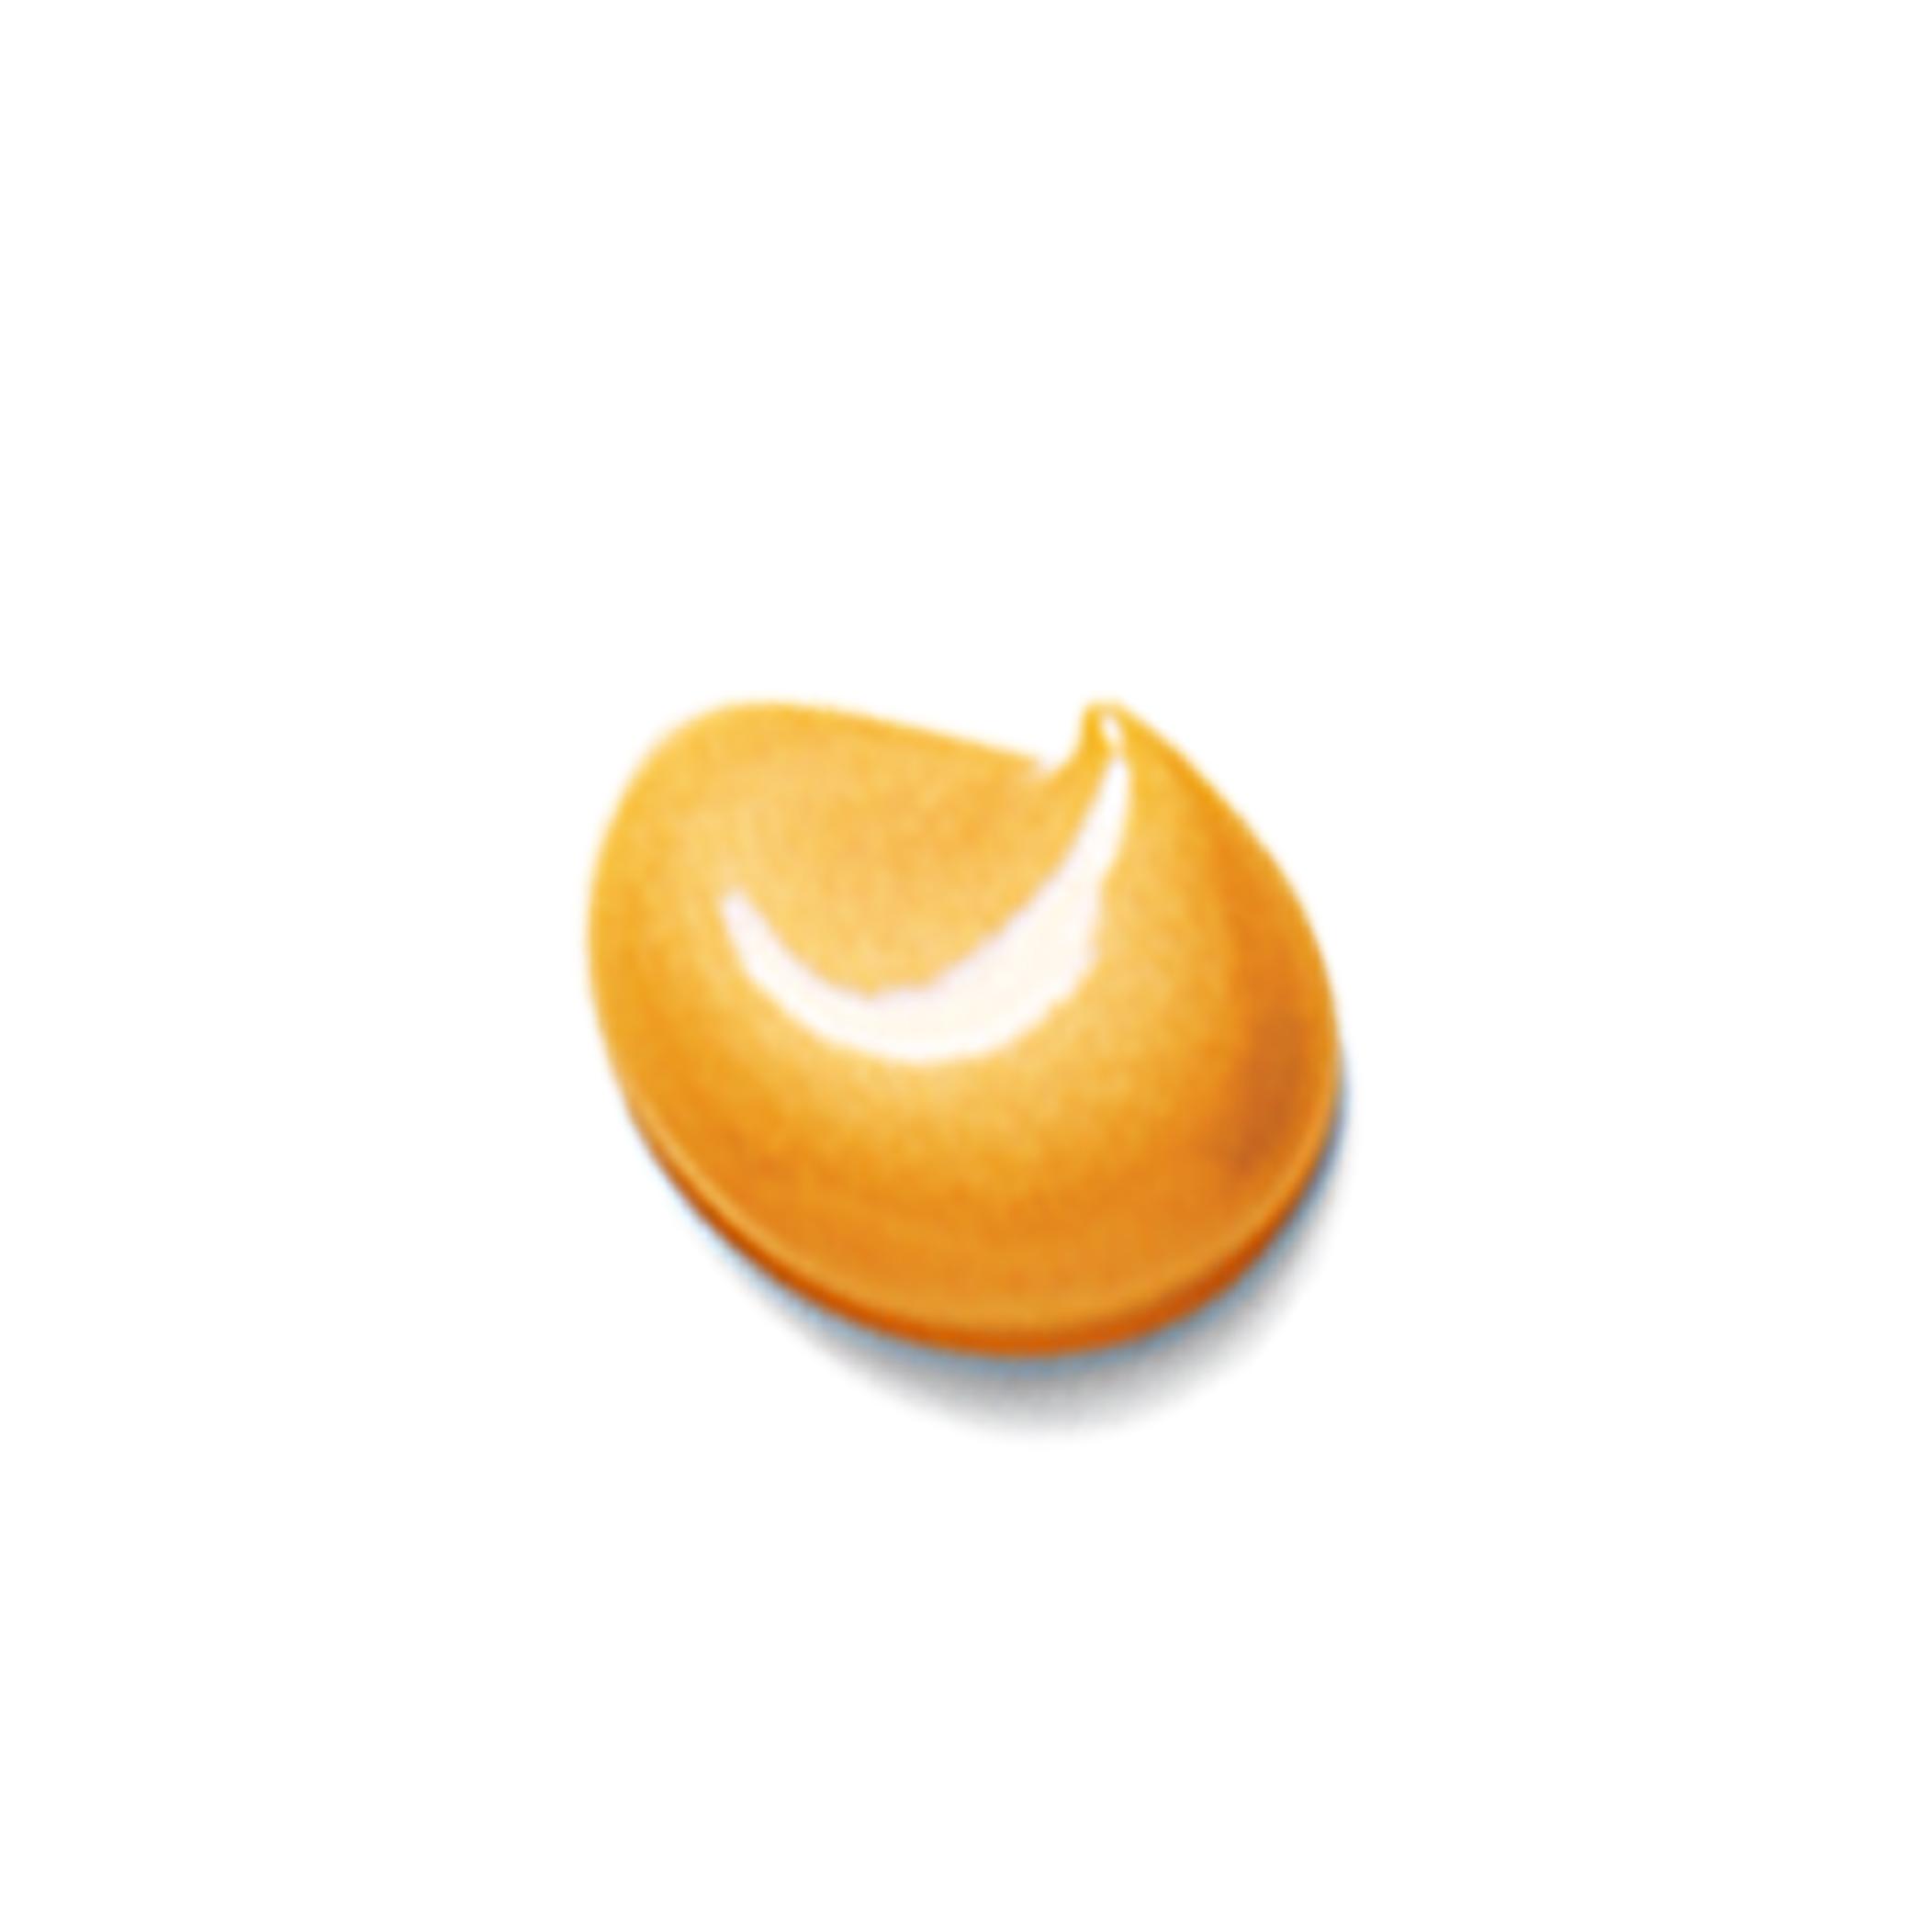 PREVAGE® crema contorno de ojos anti edad SPF 15, , large